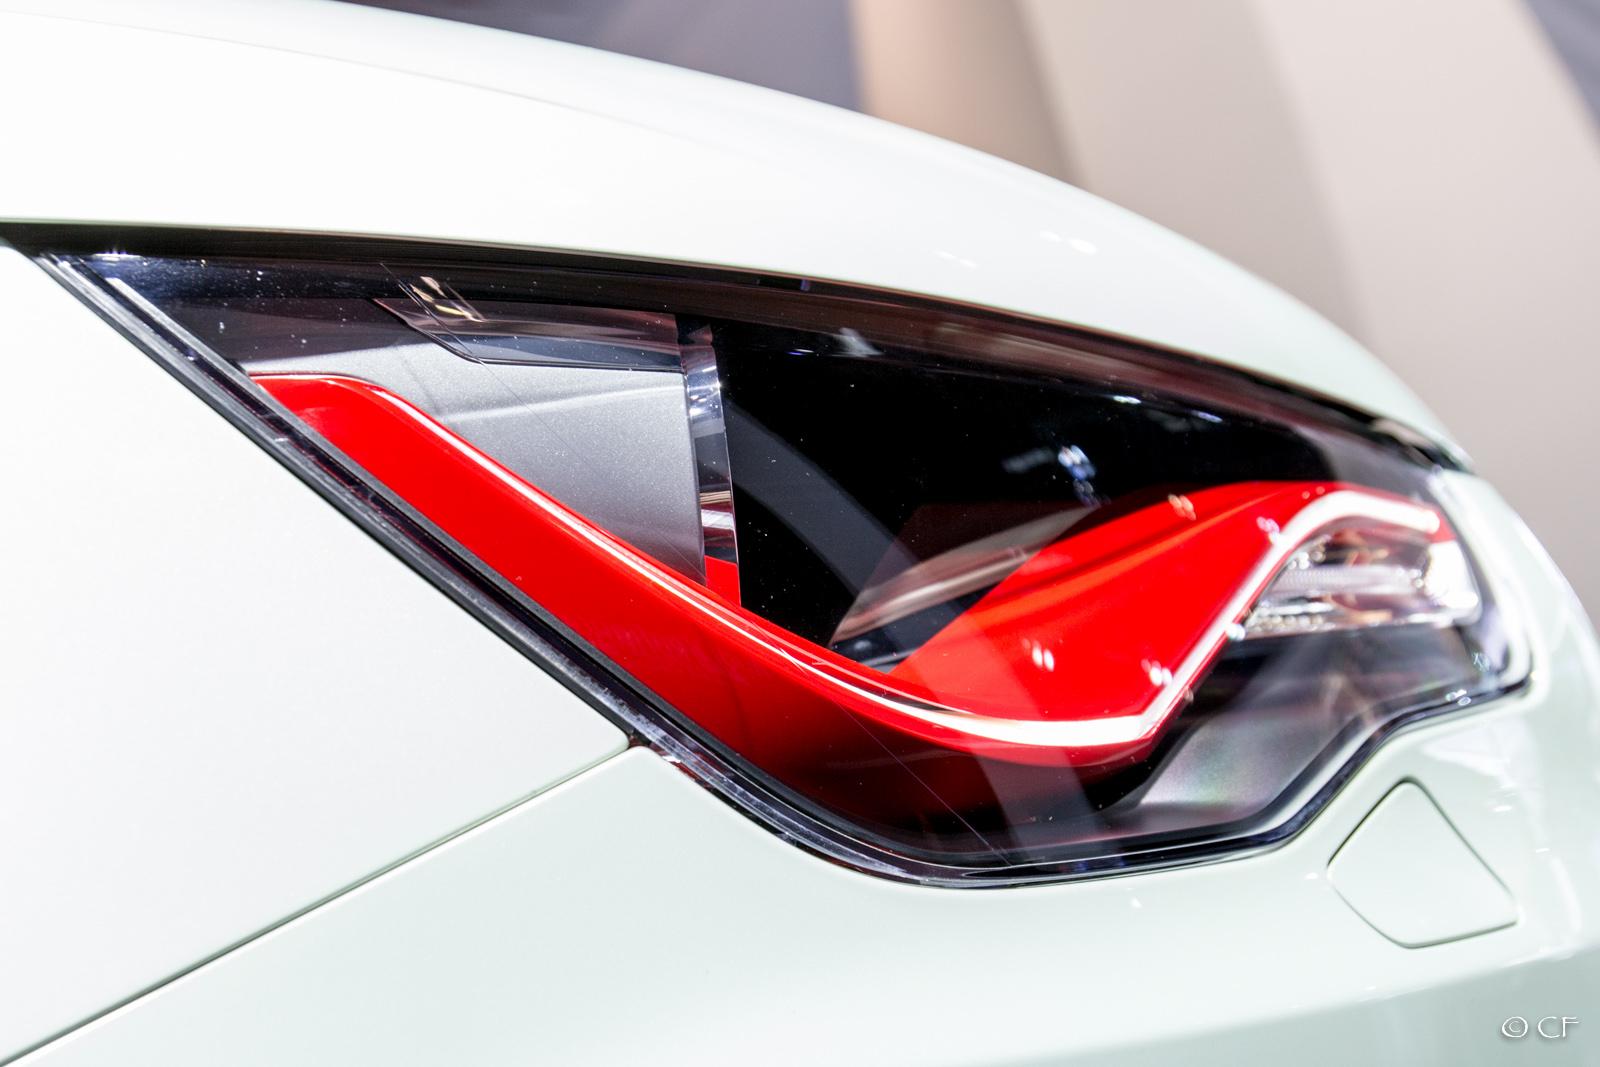 Autostadt Revisited A1 e-tron Details